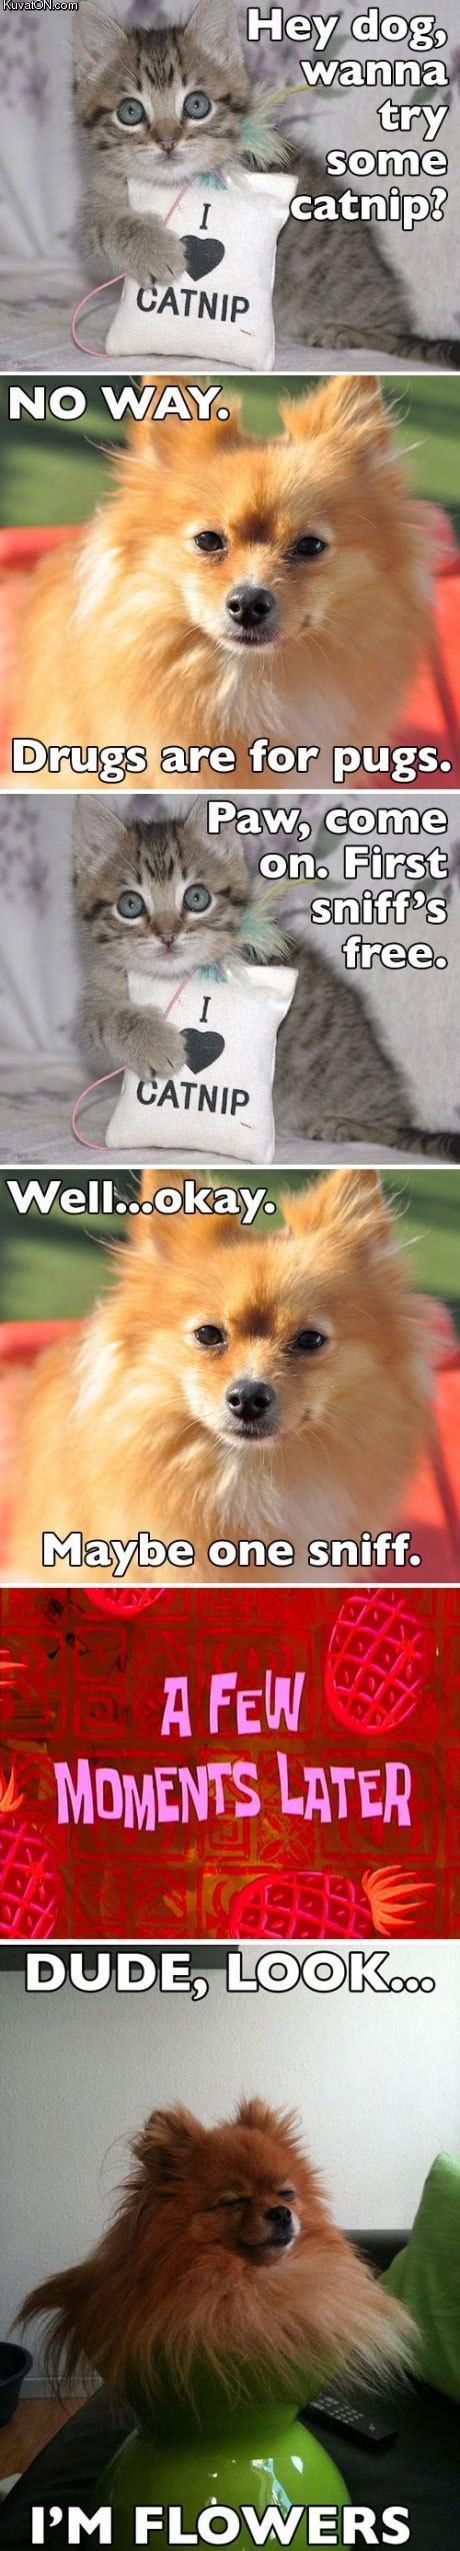 Obrázek catnip